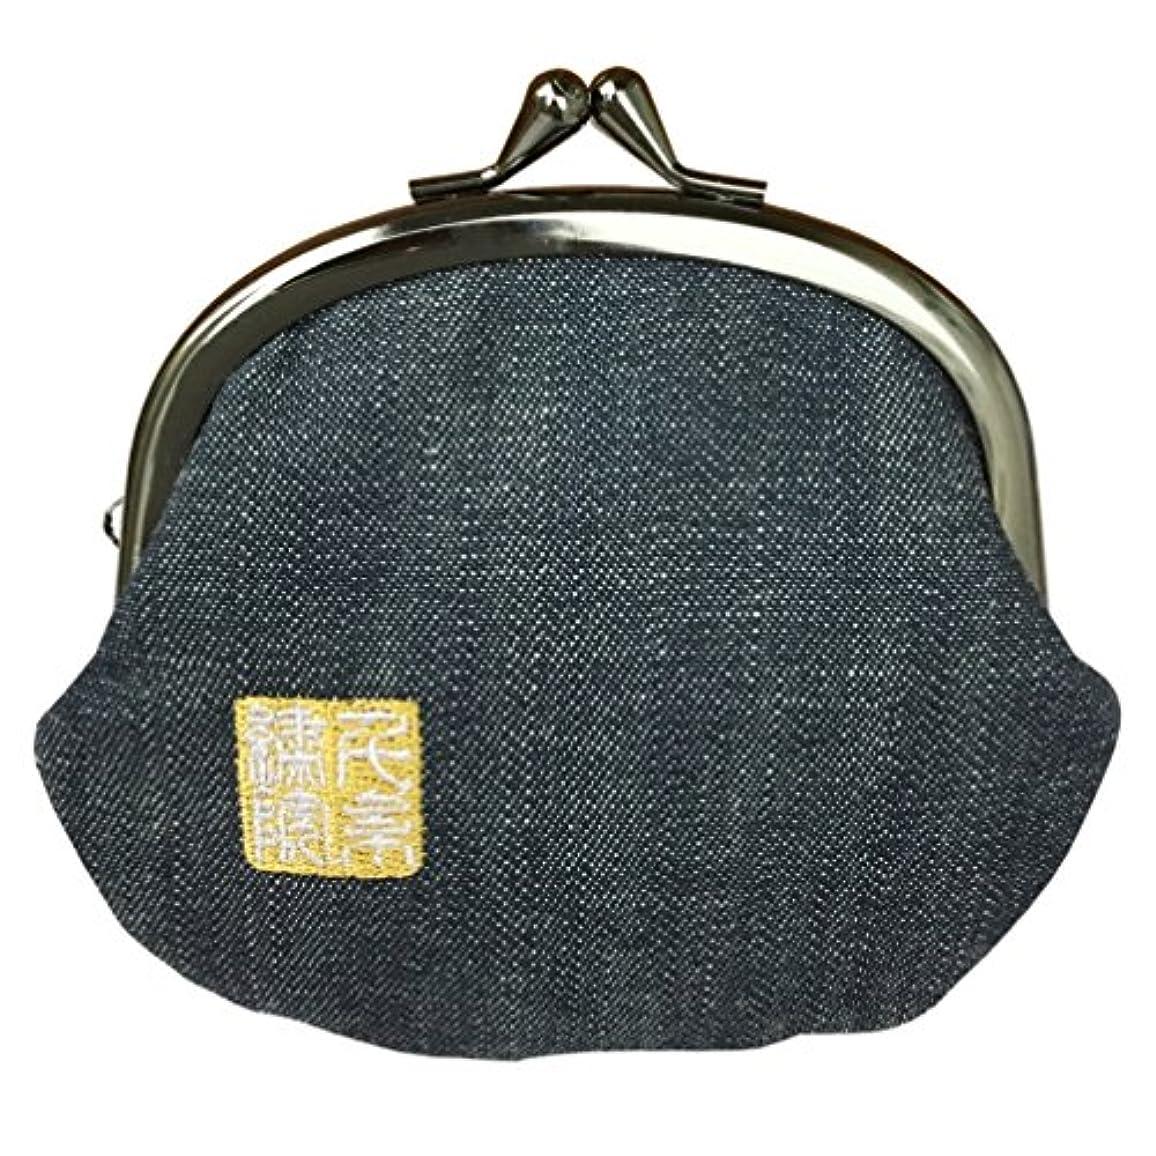 シーズン傾く探検千糸繍院 西陣織 金襴 がま口 3.5寸丸型財布/小銭入れ(裏地付き)